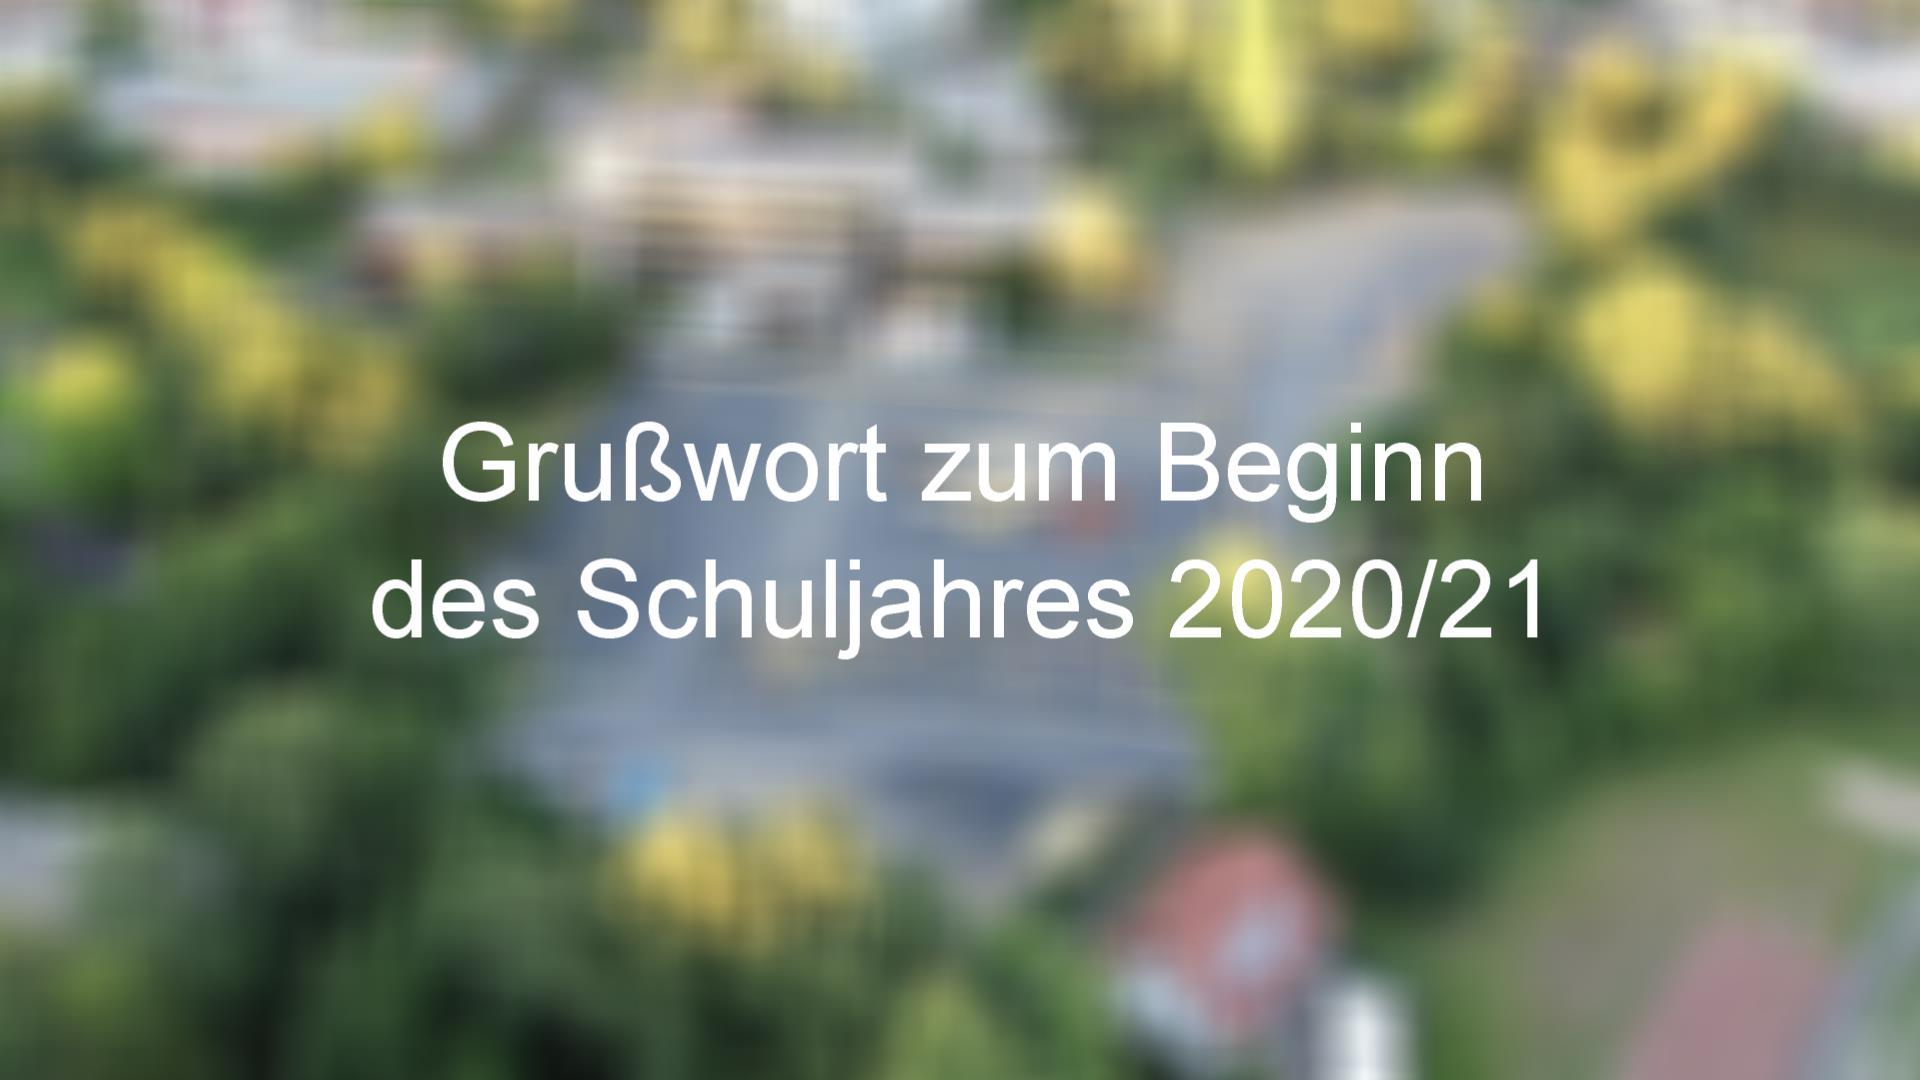 Ein Videogruß unseres Schulleiters zum Beginn des Schuljahres 2020/21